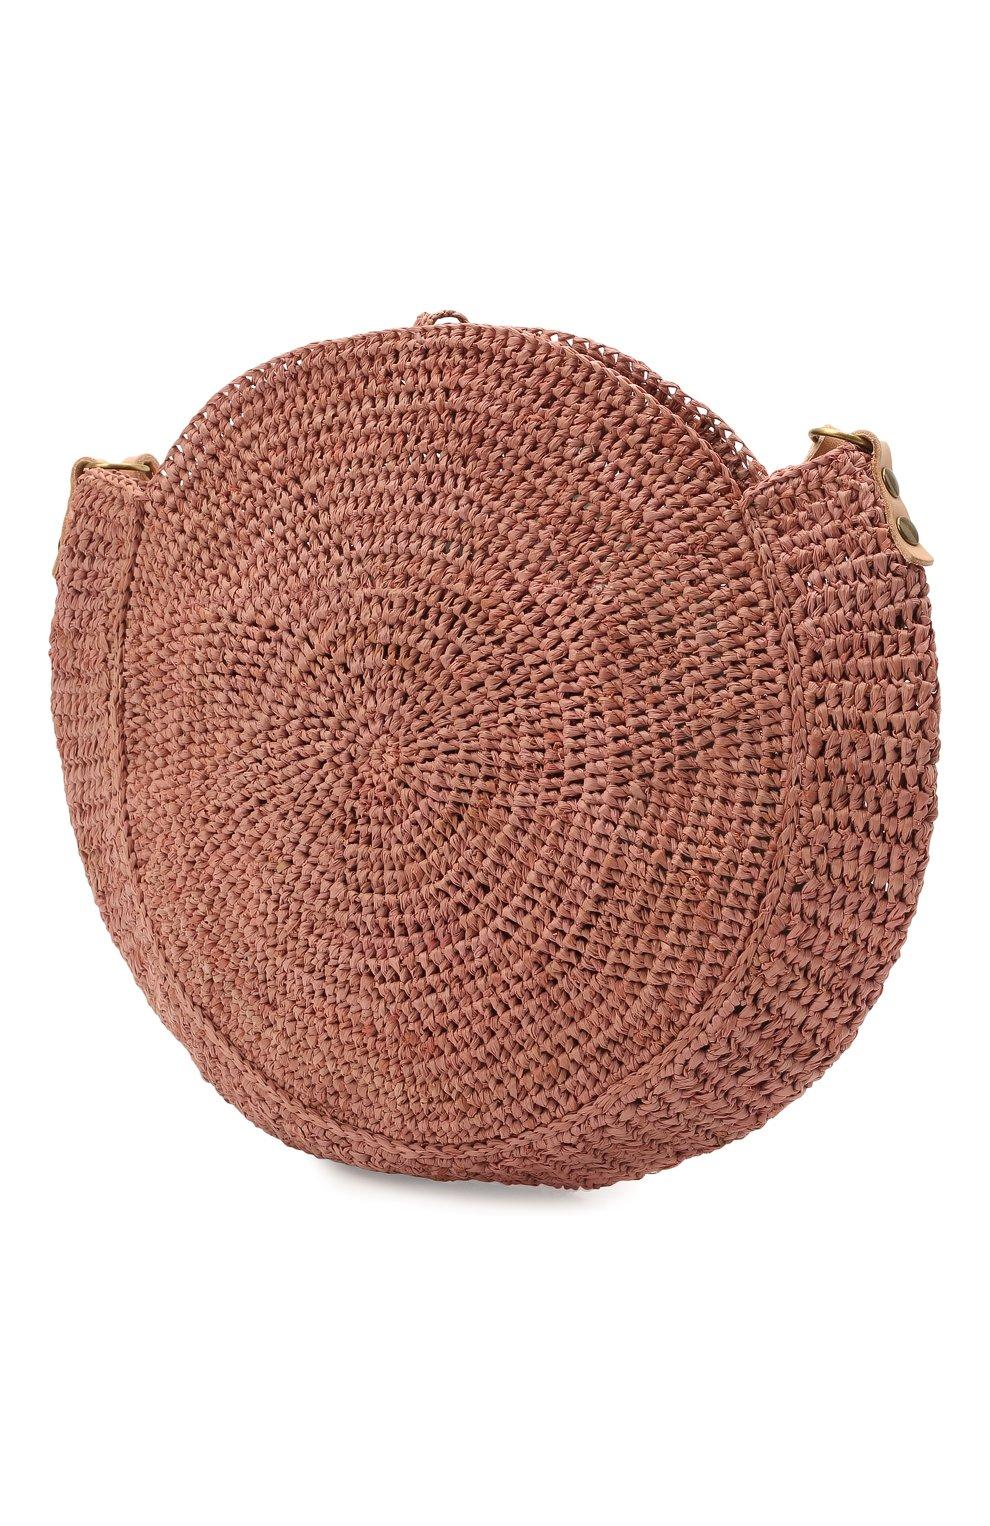 Женская сумка nova small SANS-ARCIDET коричневого цвета, арт. N0VA BAG MA-C S21/XS   Фото 3 (Сумки-технические: Сумки через плечо; Материал: Растительное волокно; Ремень/цепочка: На ремешке; Размер: small)